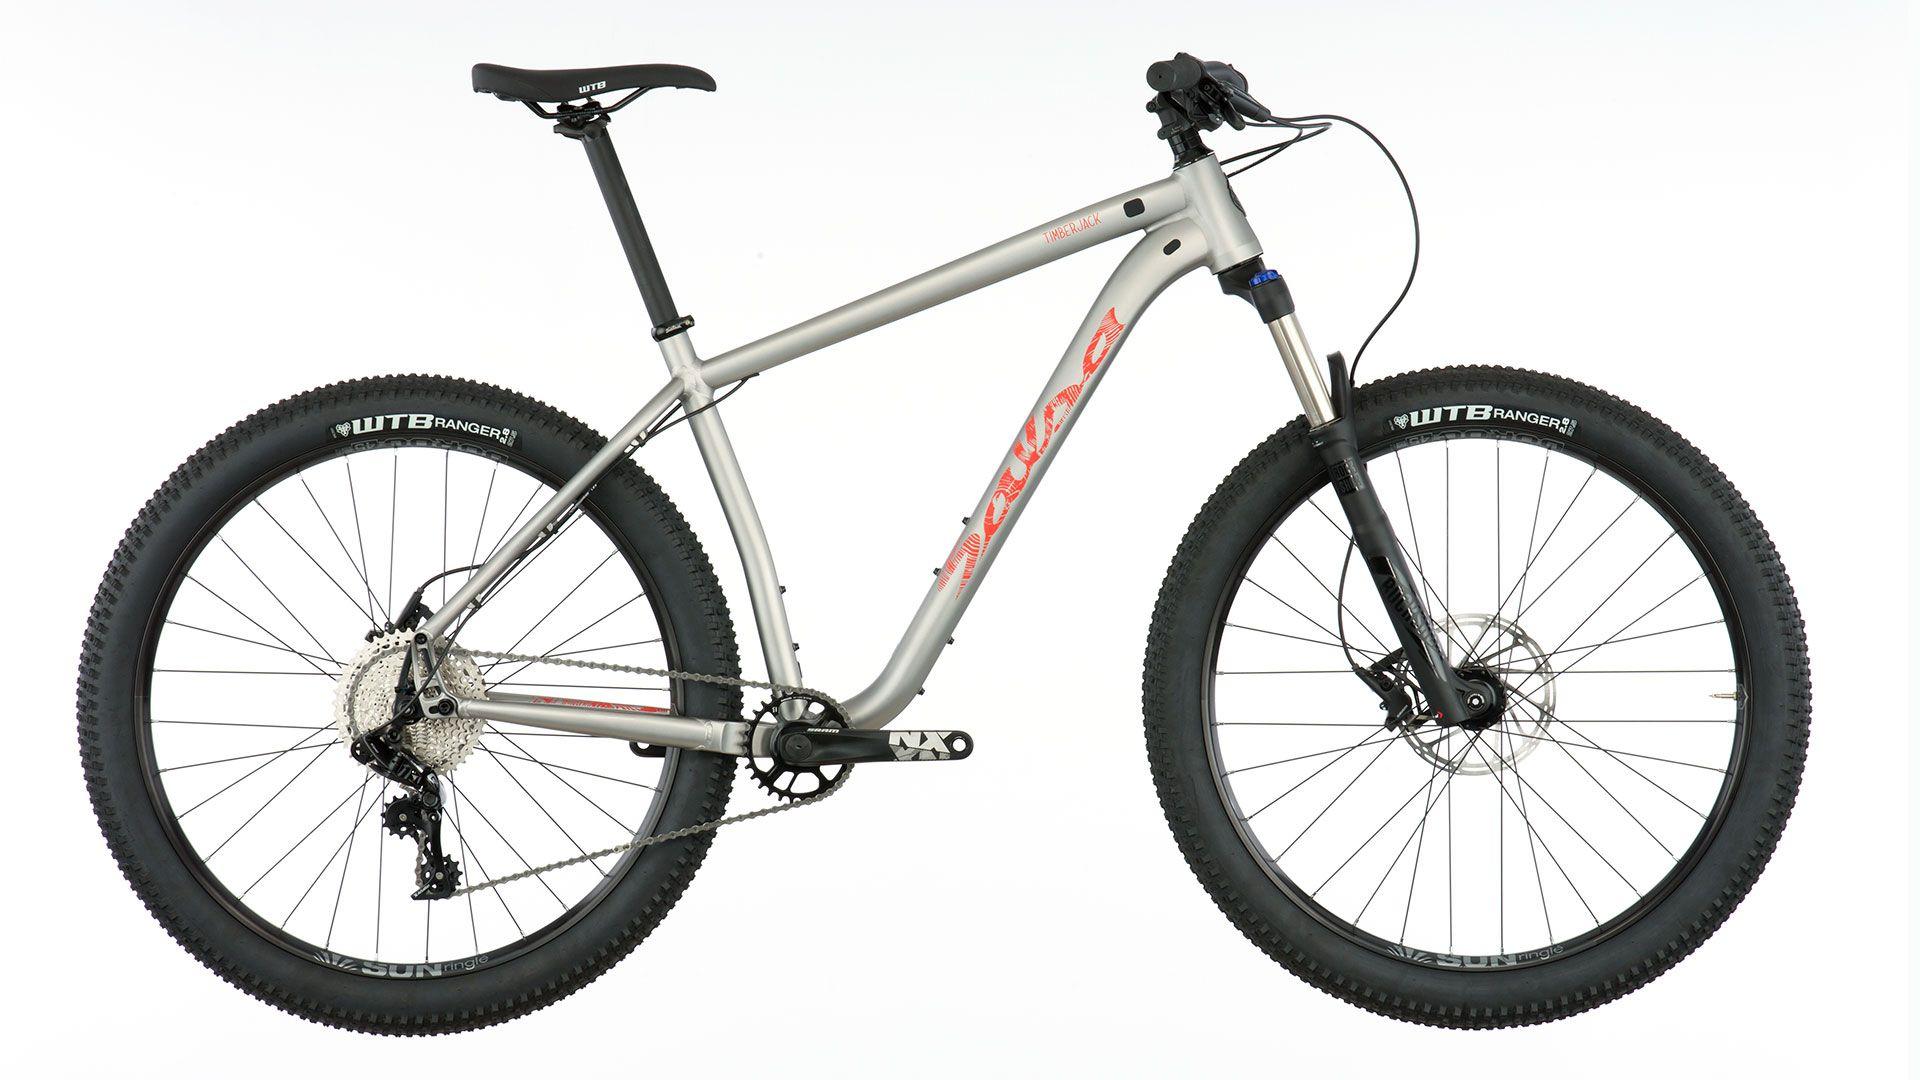 49edff425e0 Hardtail Mountain Bikes – Best Trail Bikes 2019